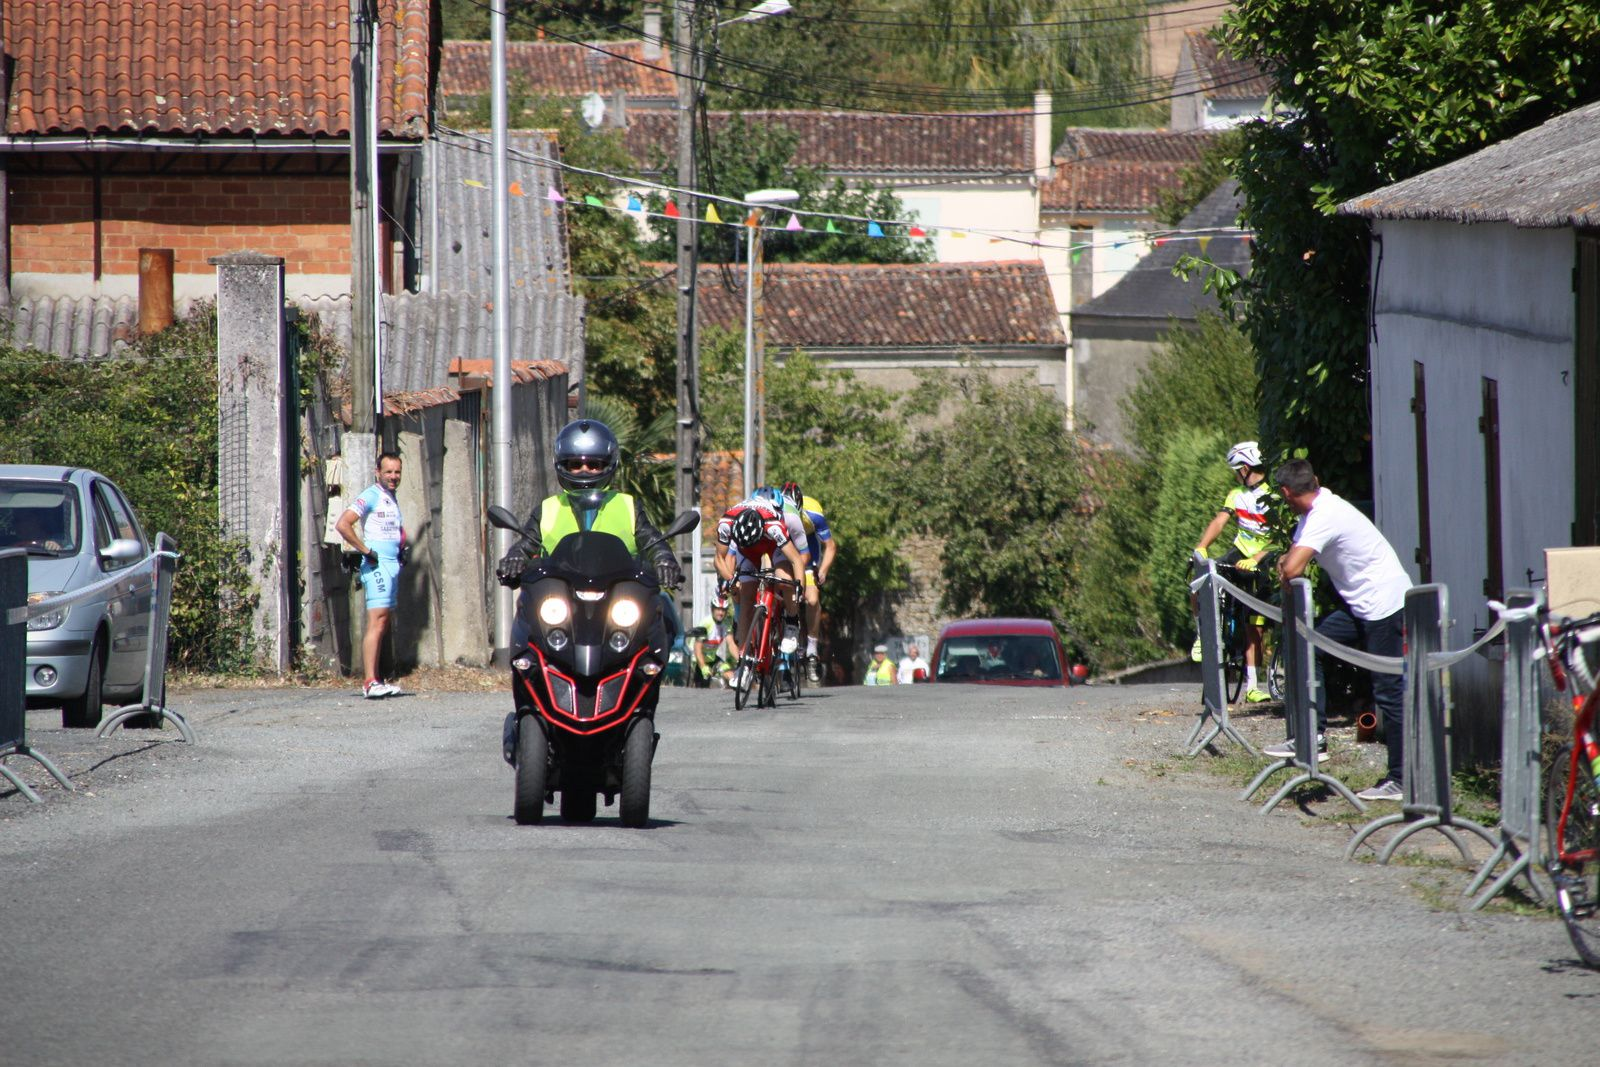 L'arrivée  et  la  victoire  pour  Grégory  POUVREAULT(VC  Saintes), 2e  Titouan  PAPIN(CS  Casteljaloux)  , 3e